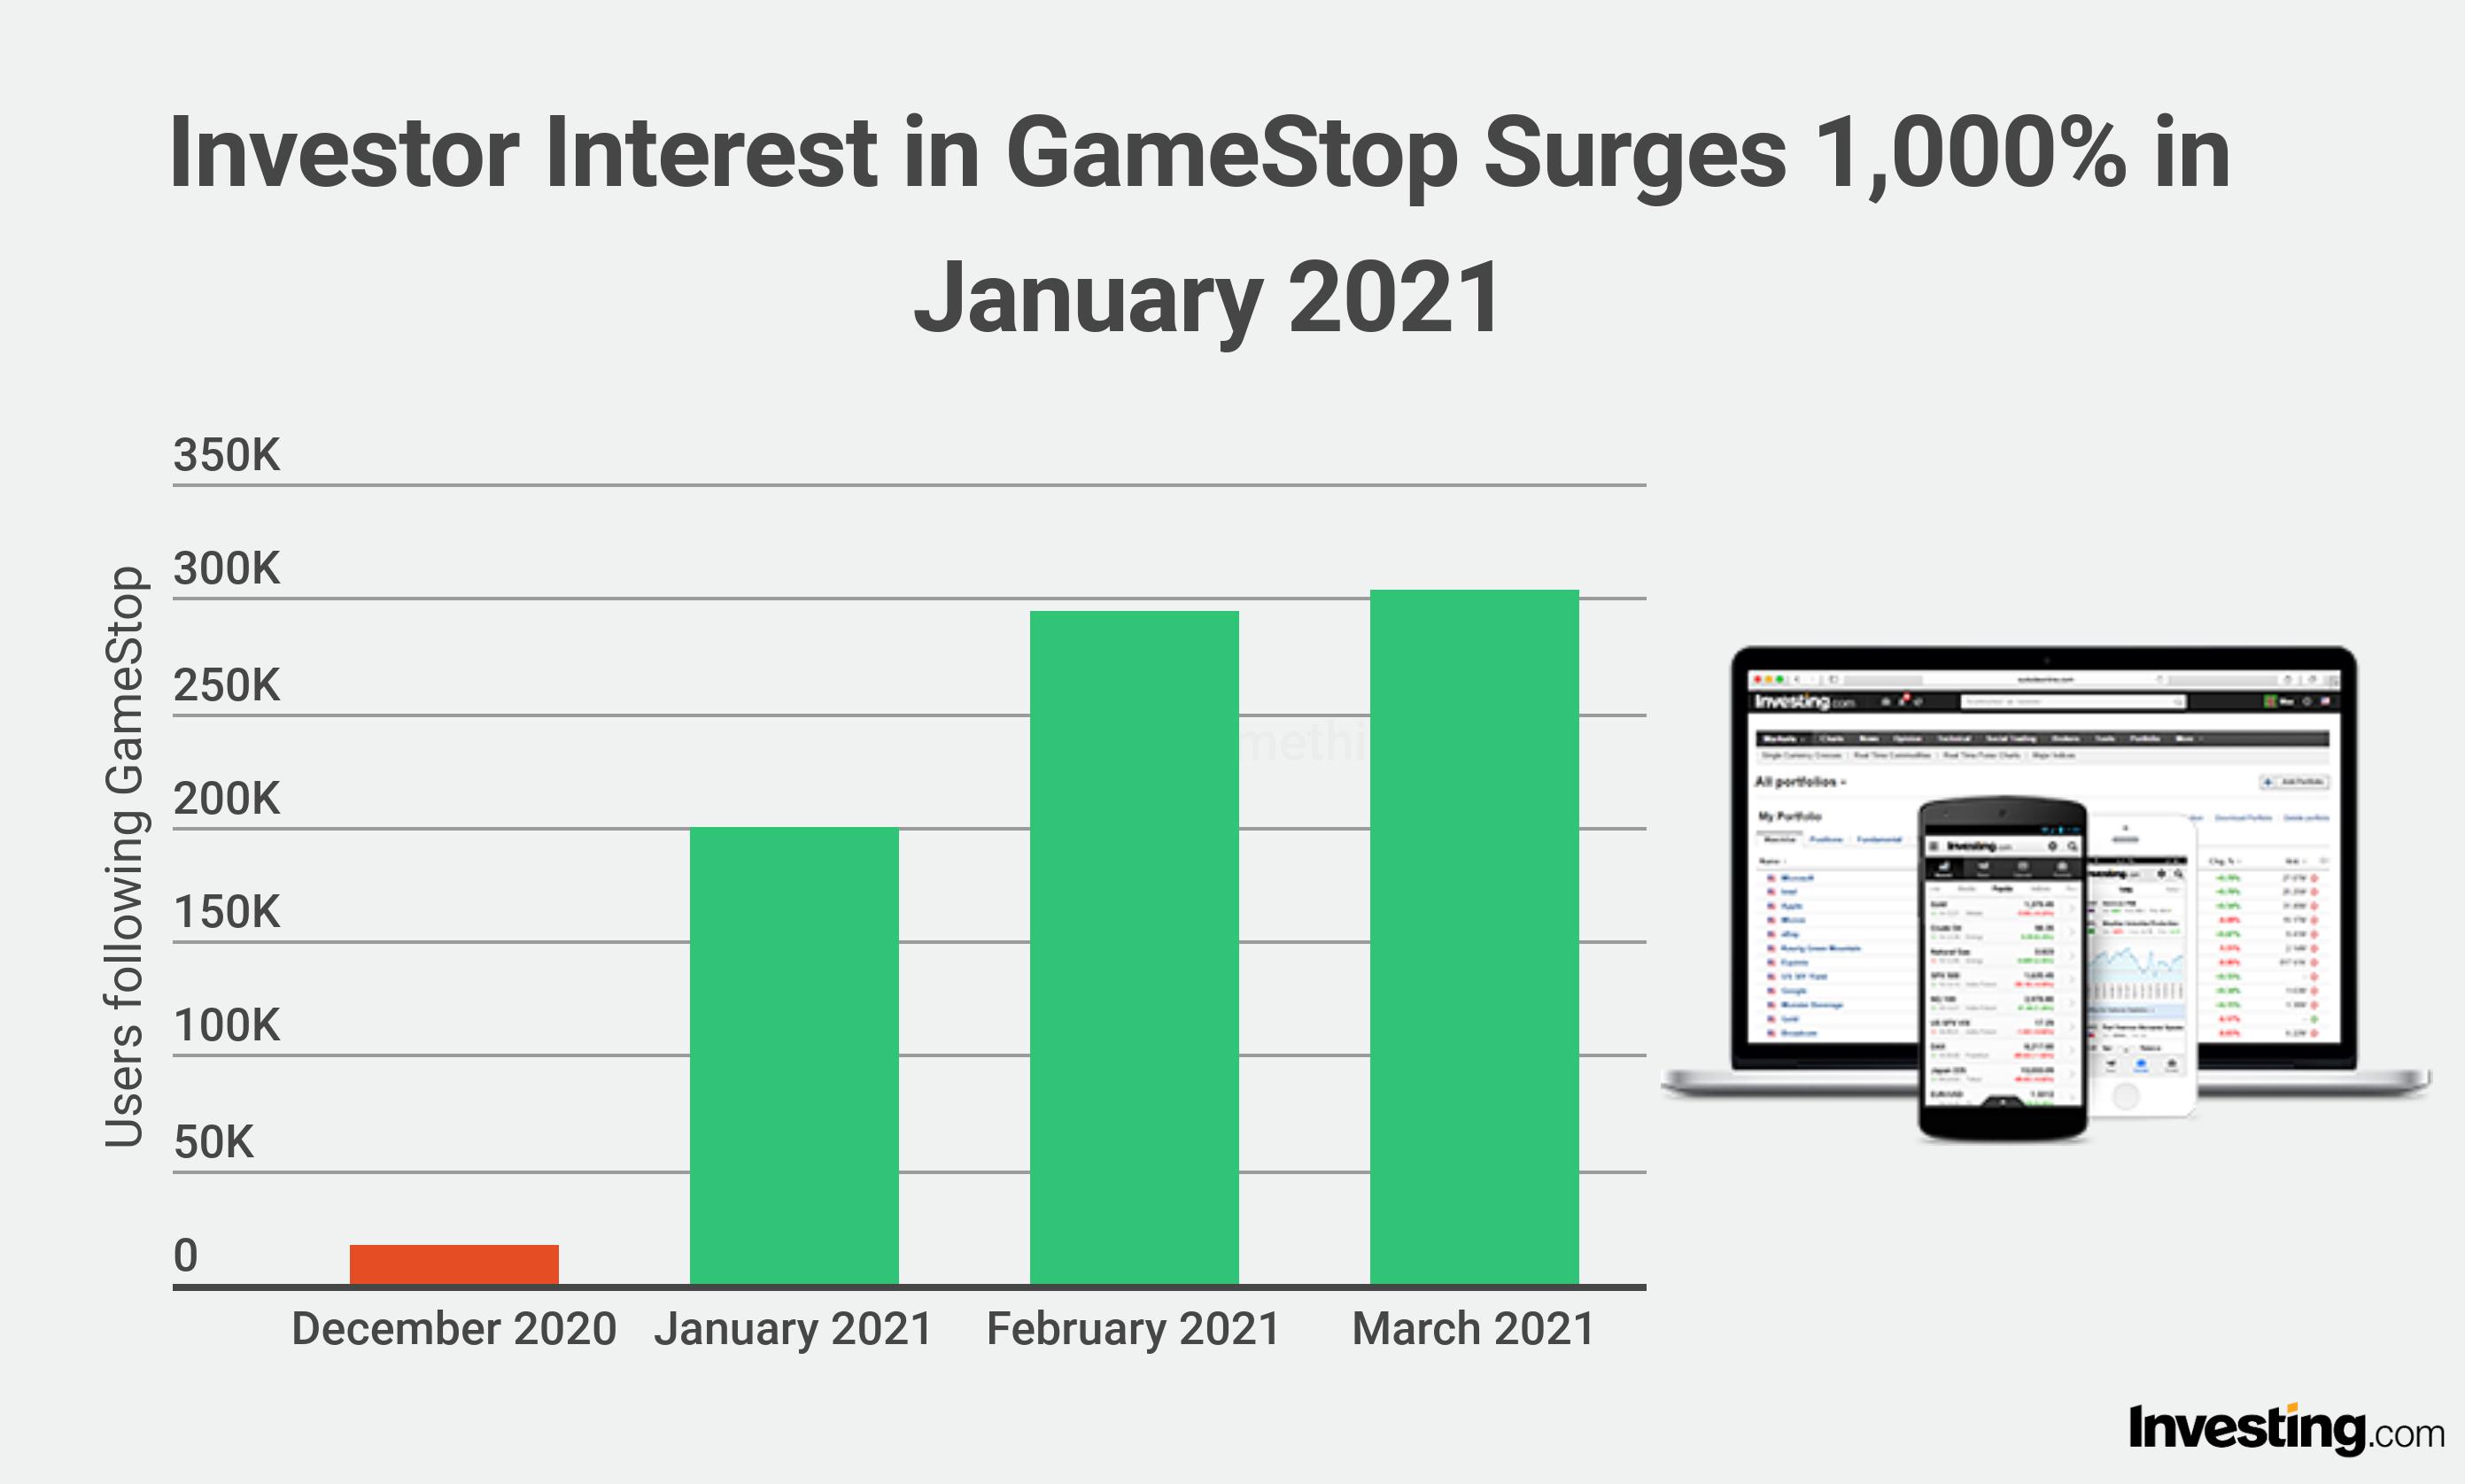 Gamestop interest